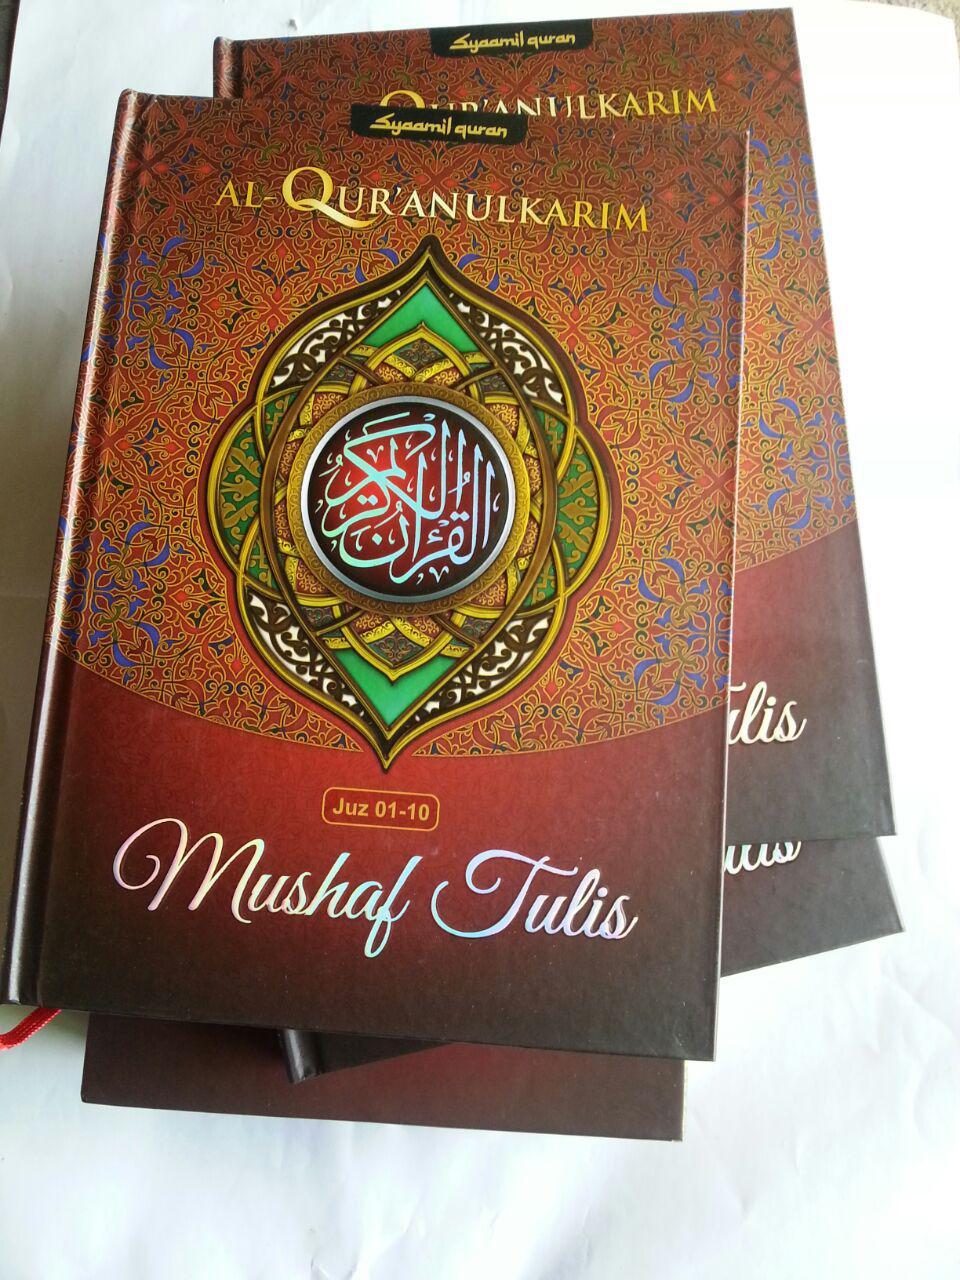 Al-Qur'anul Karim Mushaf Tulis 30 Juz 3 Jilid Ukuran B5 cover